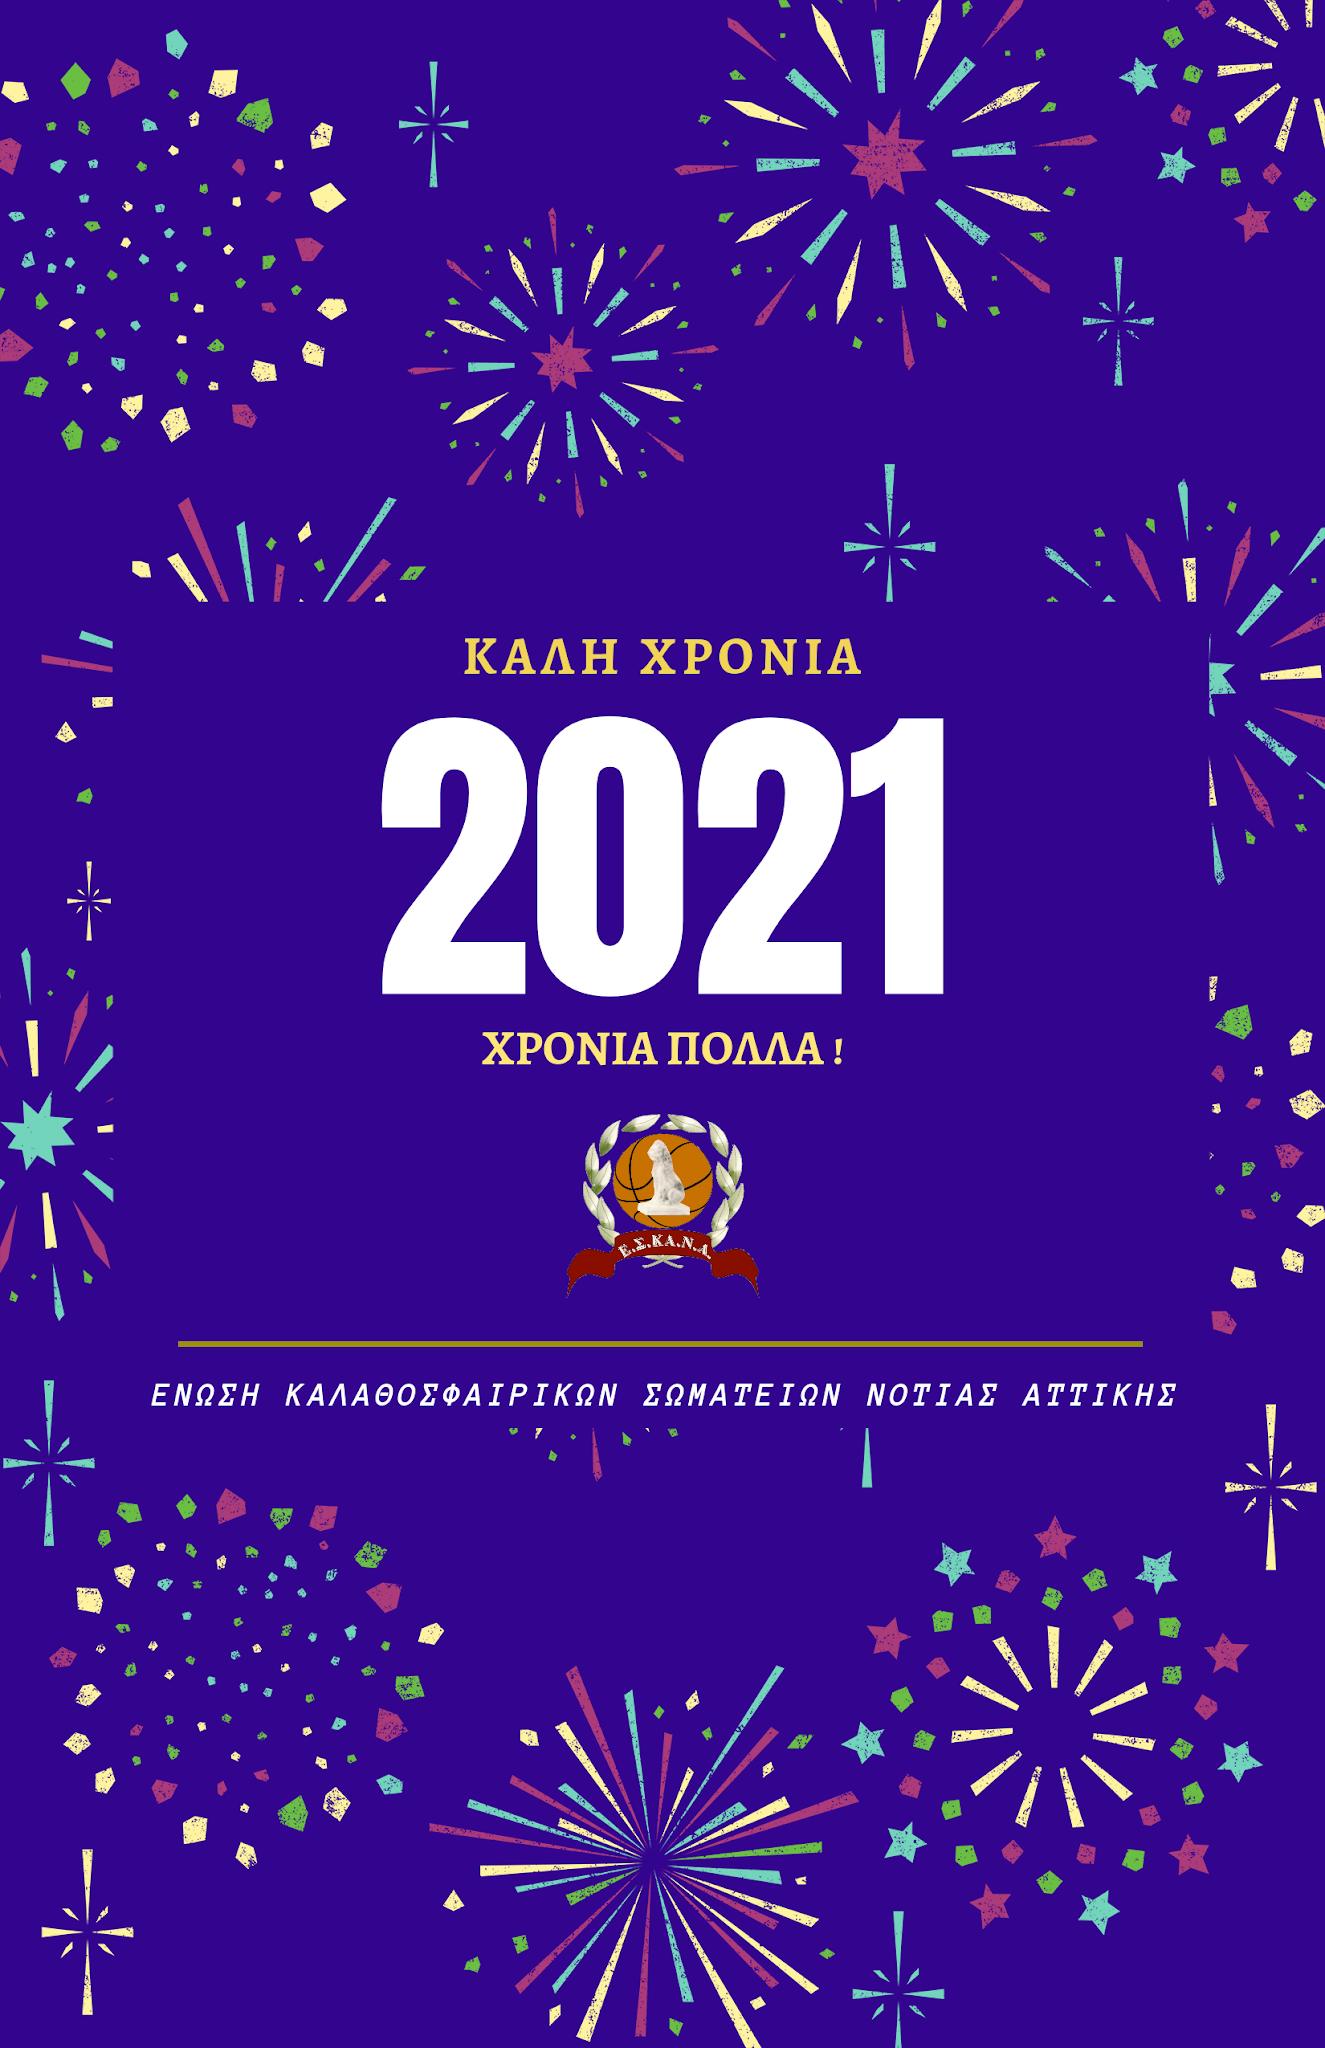 Καλή και ευλογημένη χρονιά το 2021